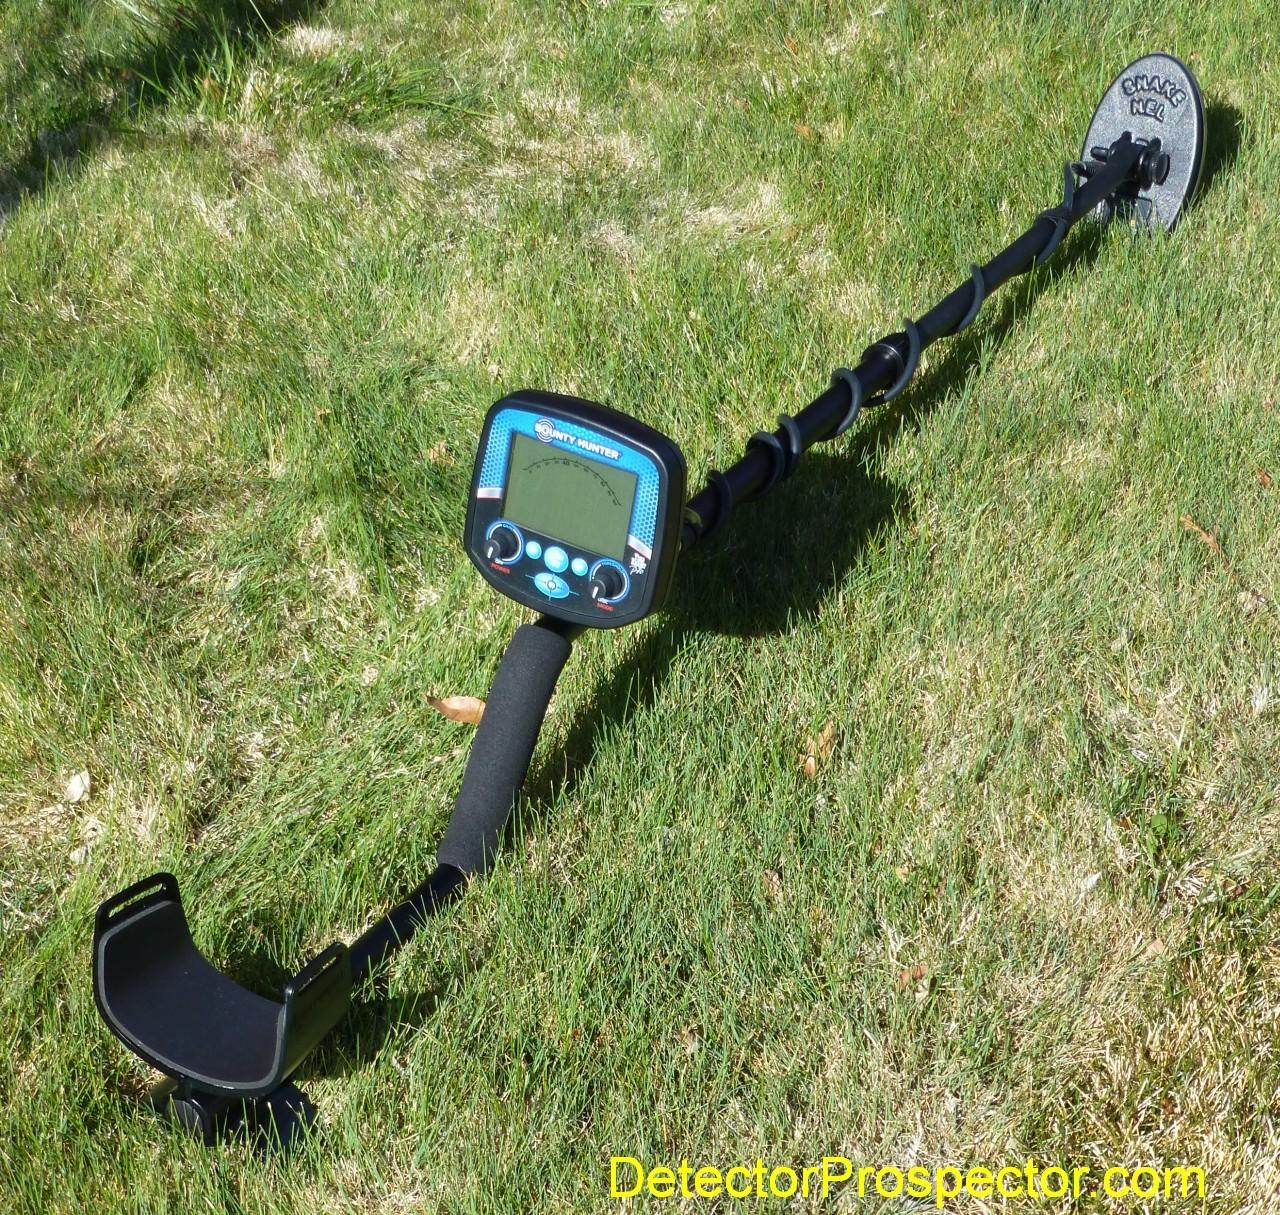 bounty-hunter-time-ranger-pro-metal-detector-2020-nel-snake-coil.jpg